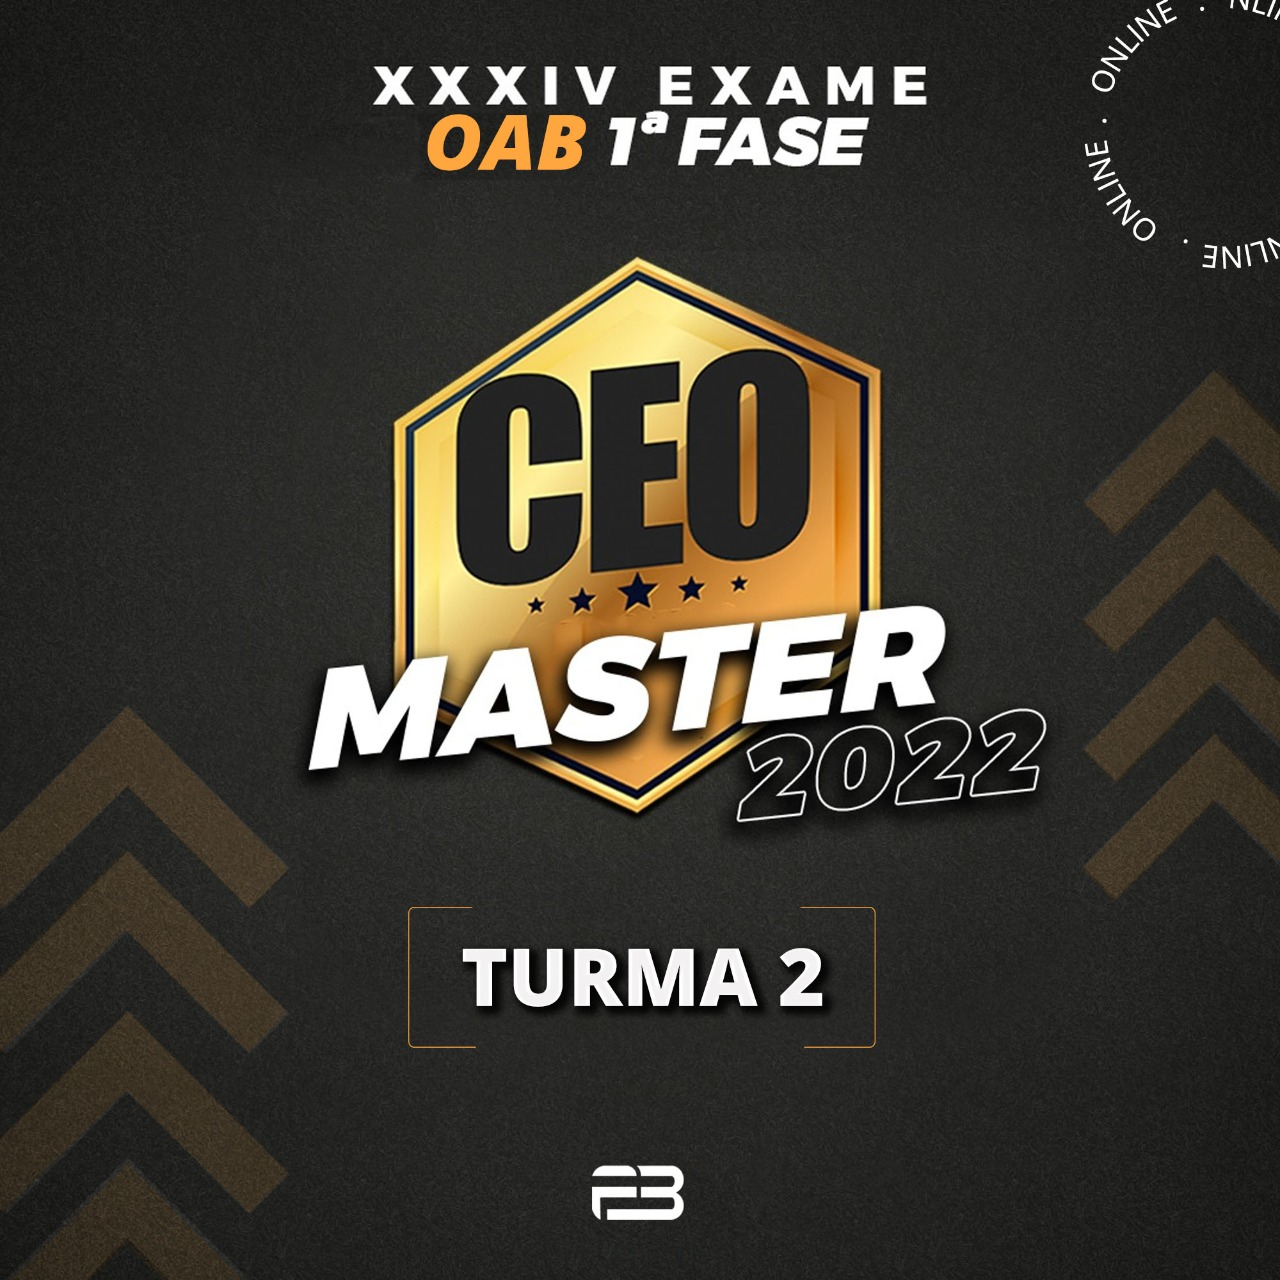 CEO MASTER TURMA 2 - XXXIV EXAME OAB 1ª FASE